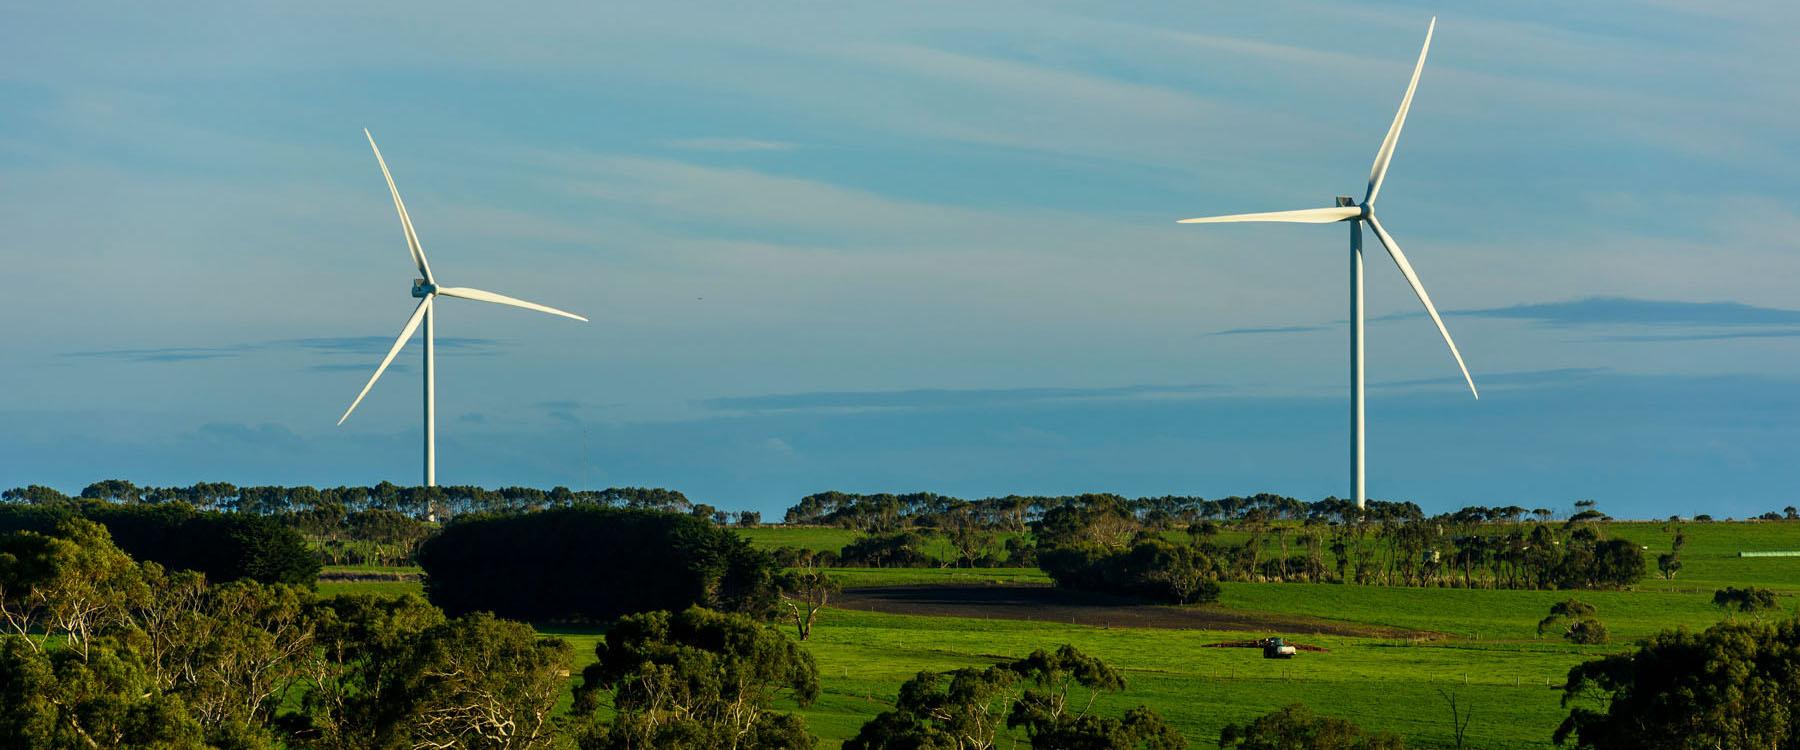 Epic Energy Renewables